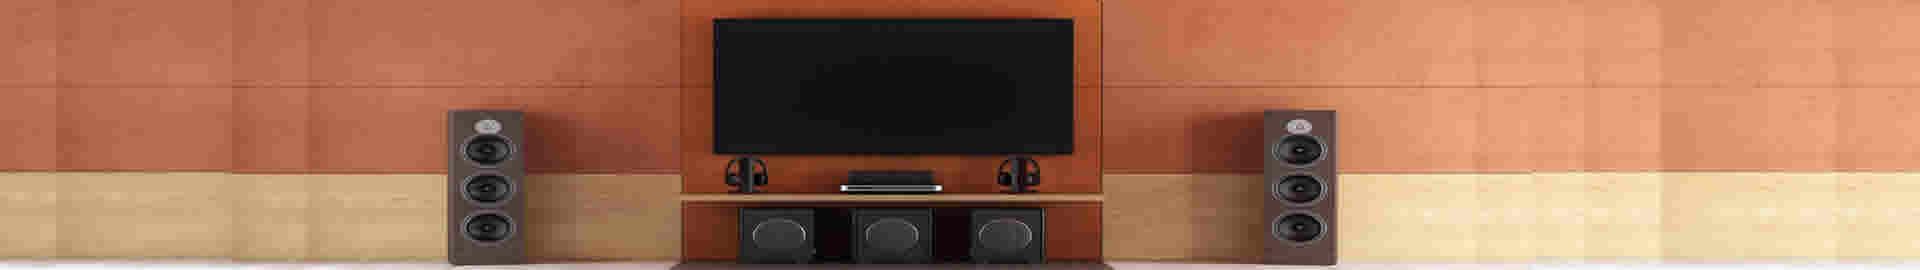 电视机评测